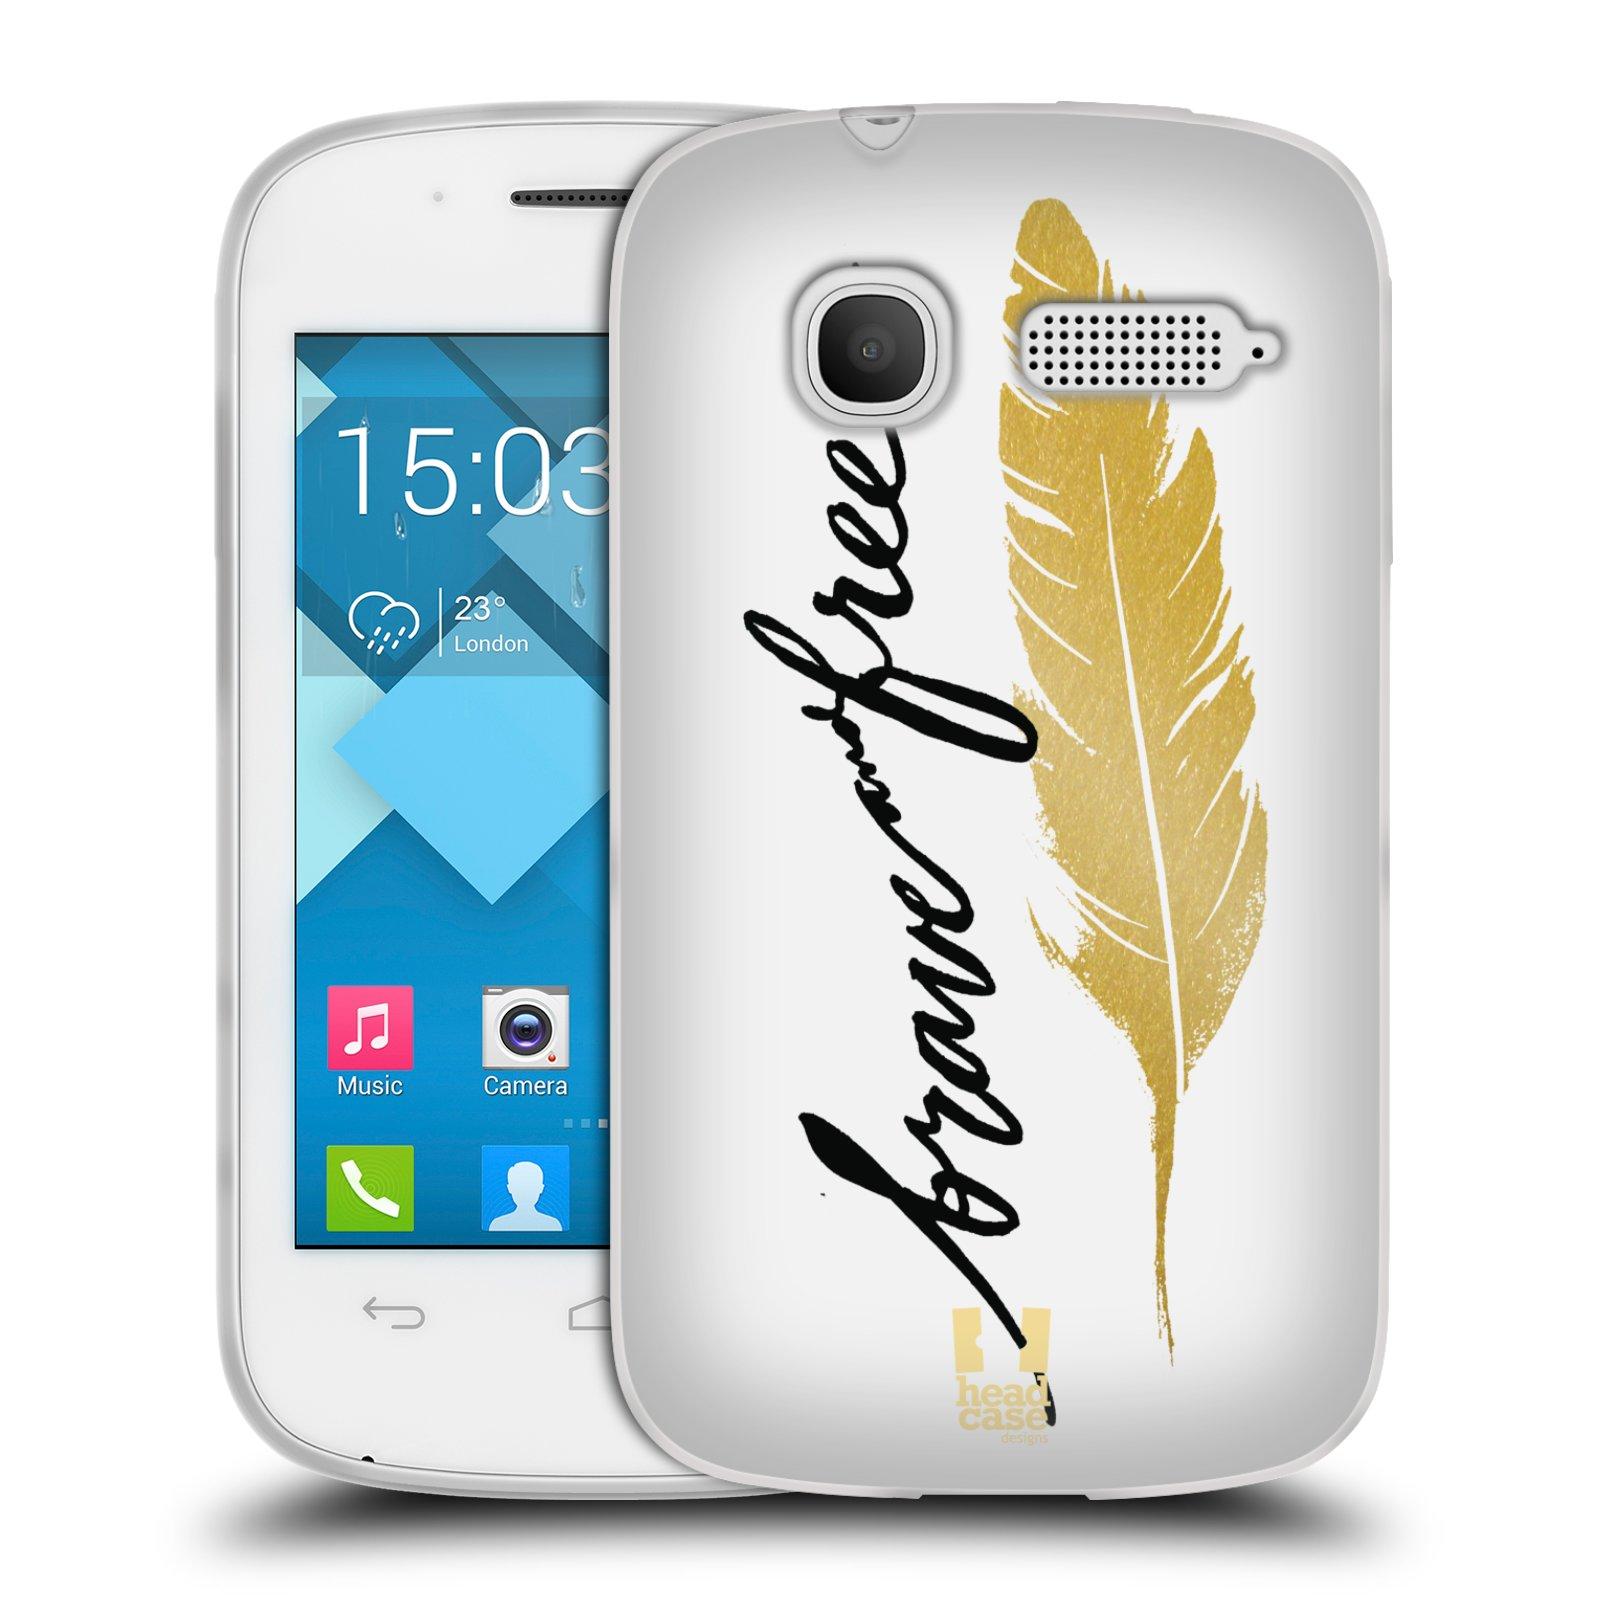 Silikonové pouzdro na mobil Alcatel One Touch Pop C1 HEAD CASE PÍRKO ZLATÉ FREE (Silikonový kryt či obal na mobilní telefon Alcatel OT-4015D POP C1)